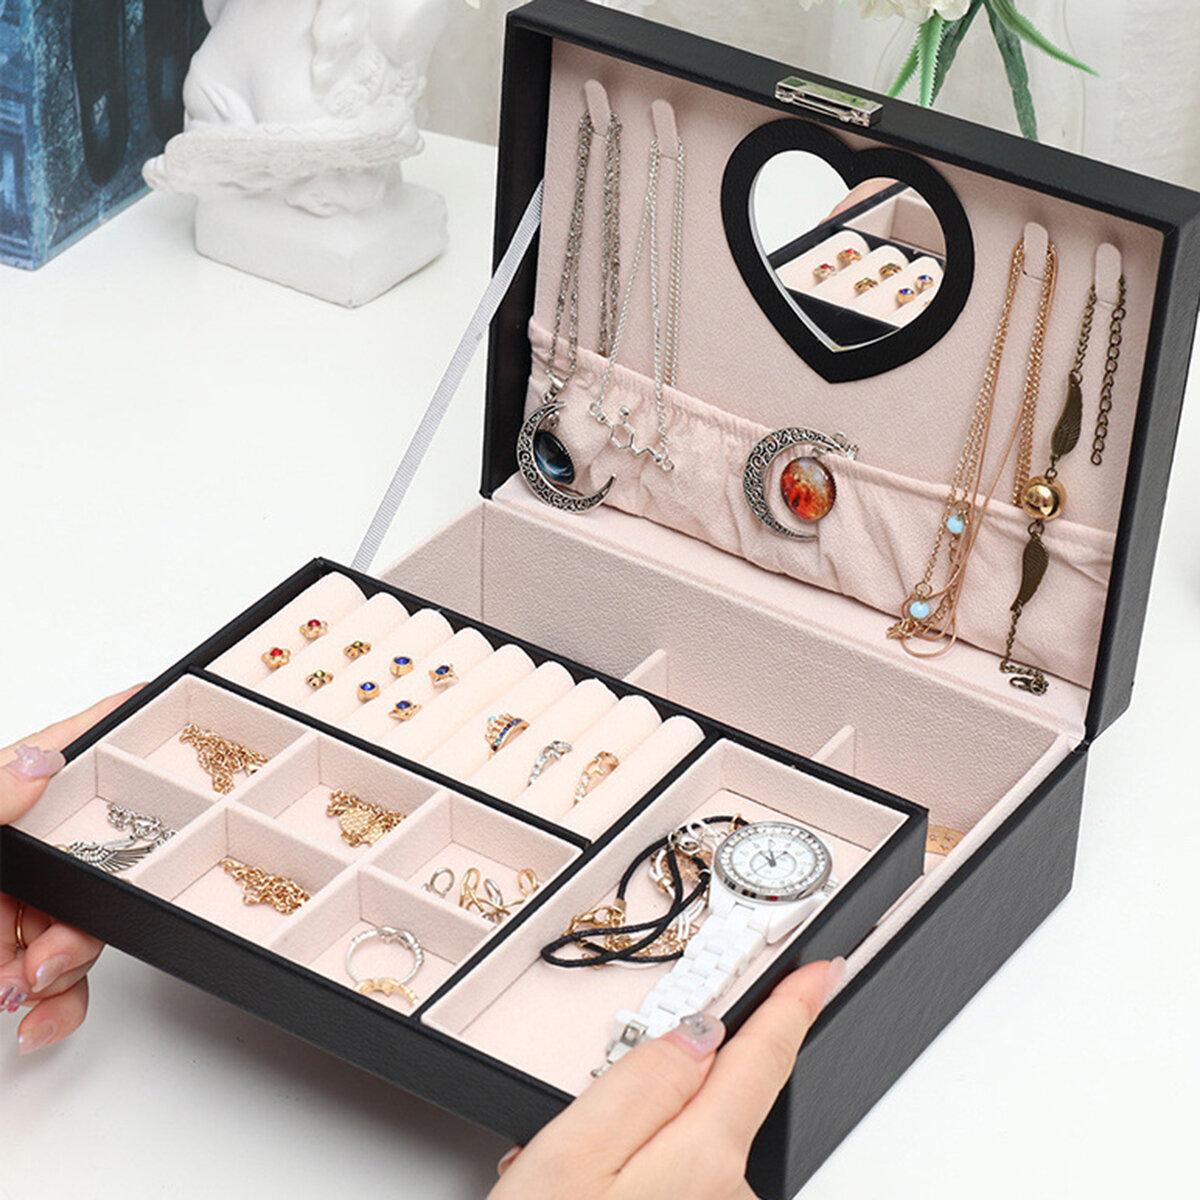 Женское хранение ювелирных изделий Чехол Искусственная кожа двухслойная высокая емкость Водонепроницаемы Часы Защитные К